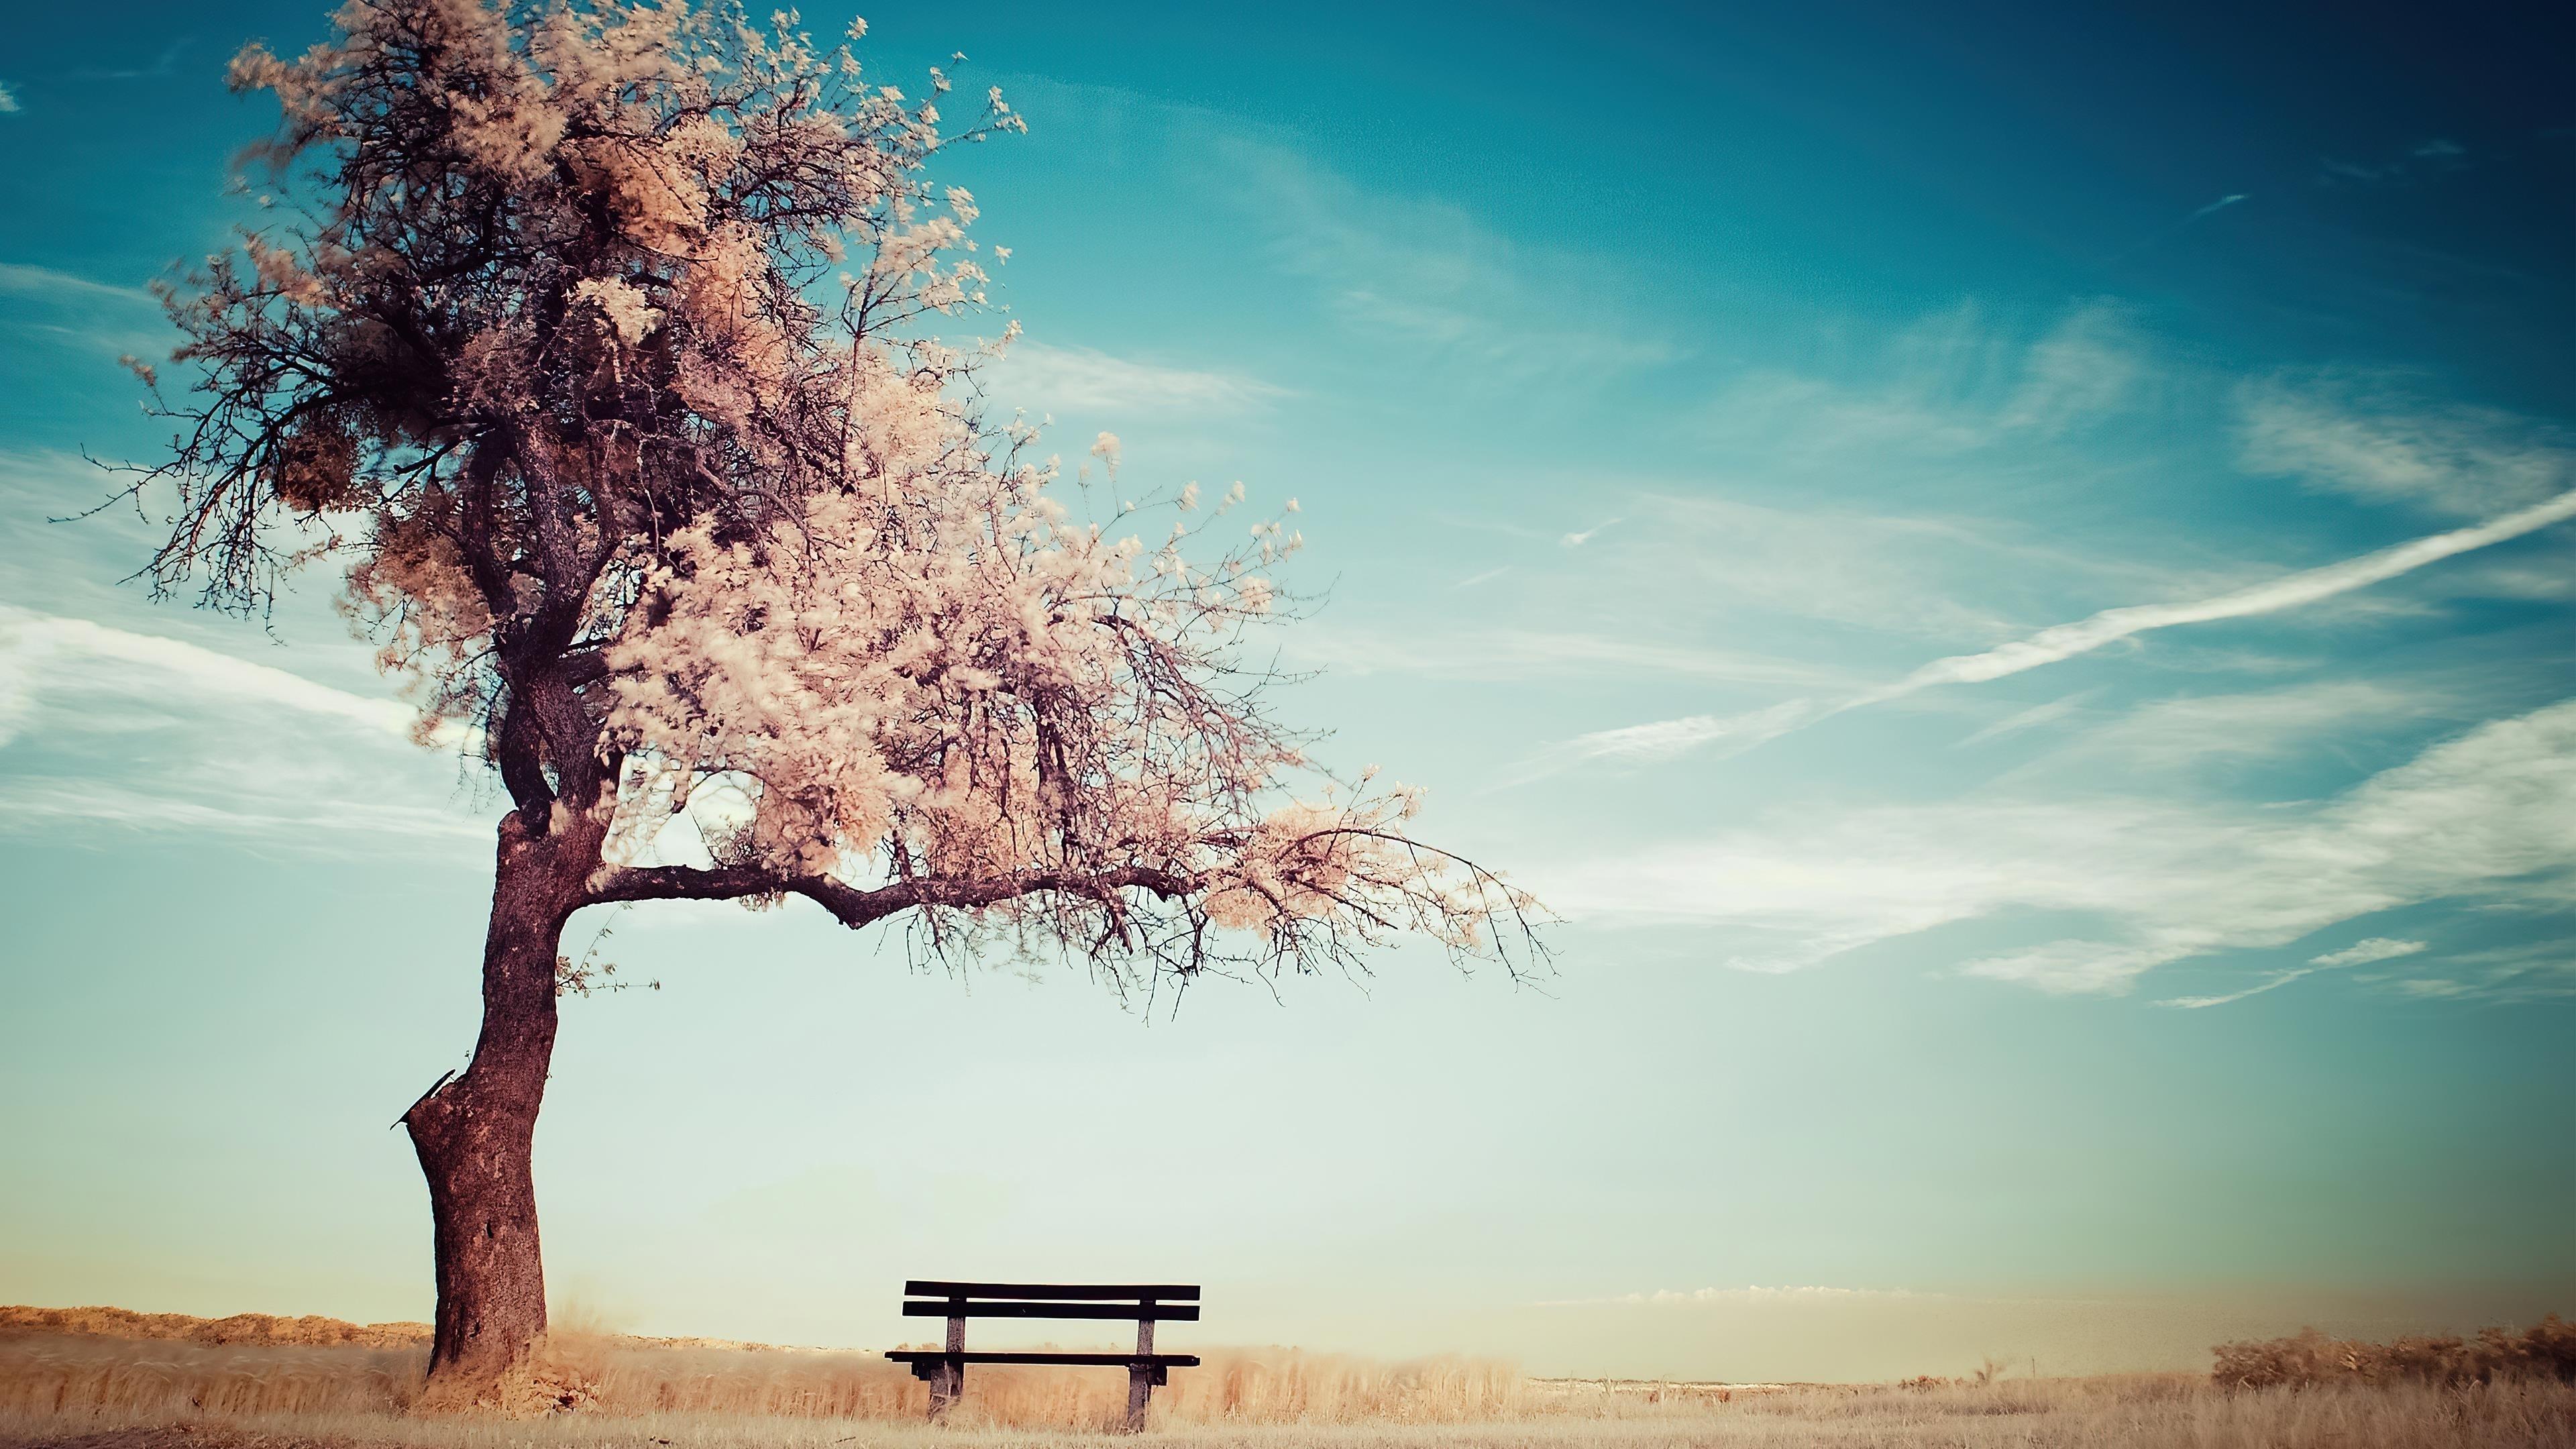 Ясное голубое небо под зимним деревом скамейка природа обои скачать